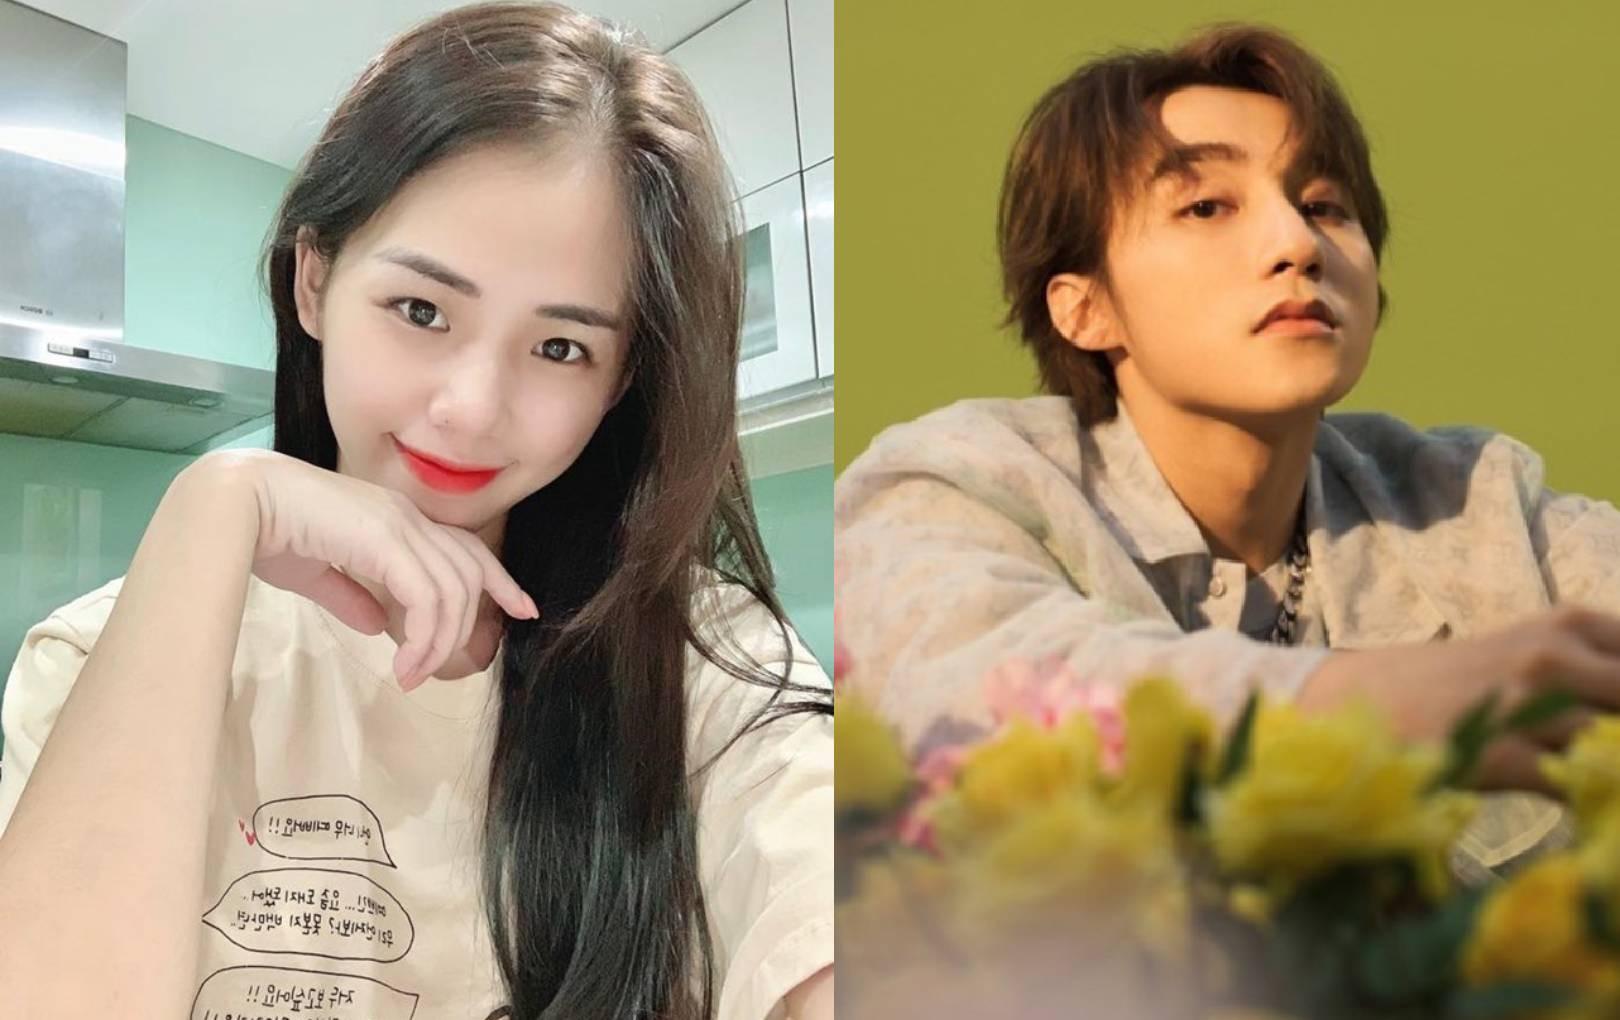 Hương Ly cover 'Có chắc yêu là đây' của Sơn Tùng M-TP, netizen chê bai 'làm hỏng cả bài hát'